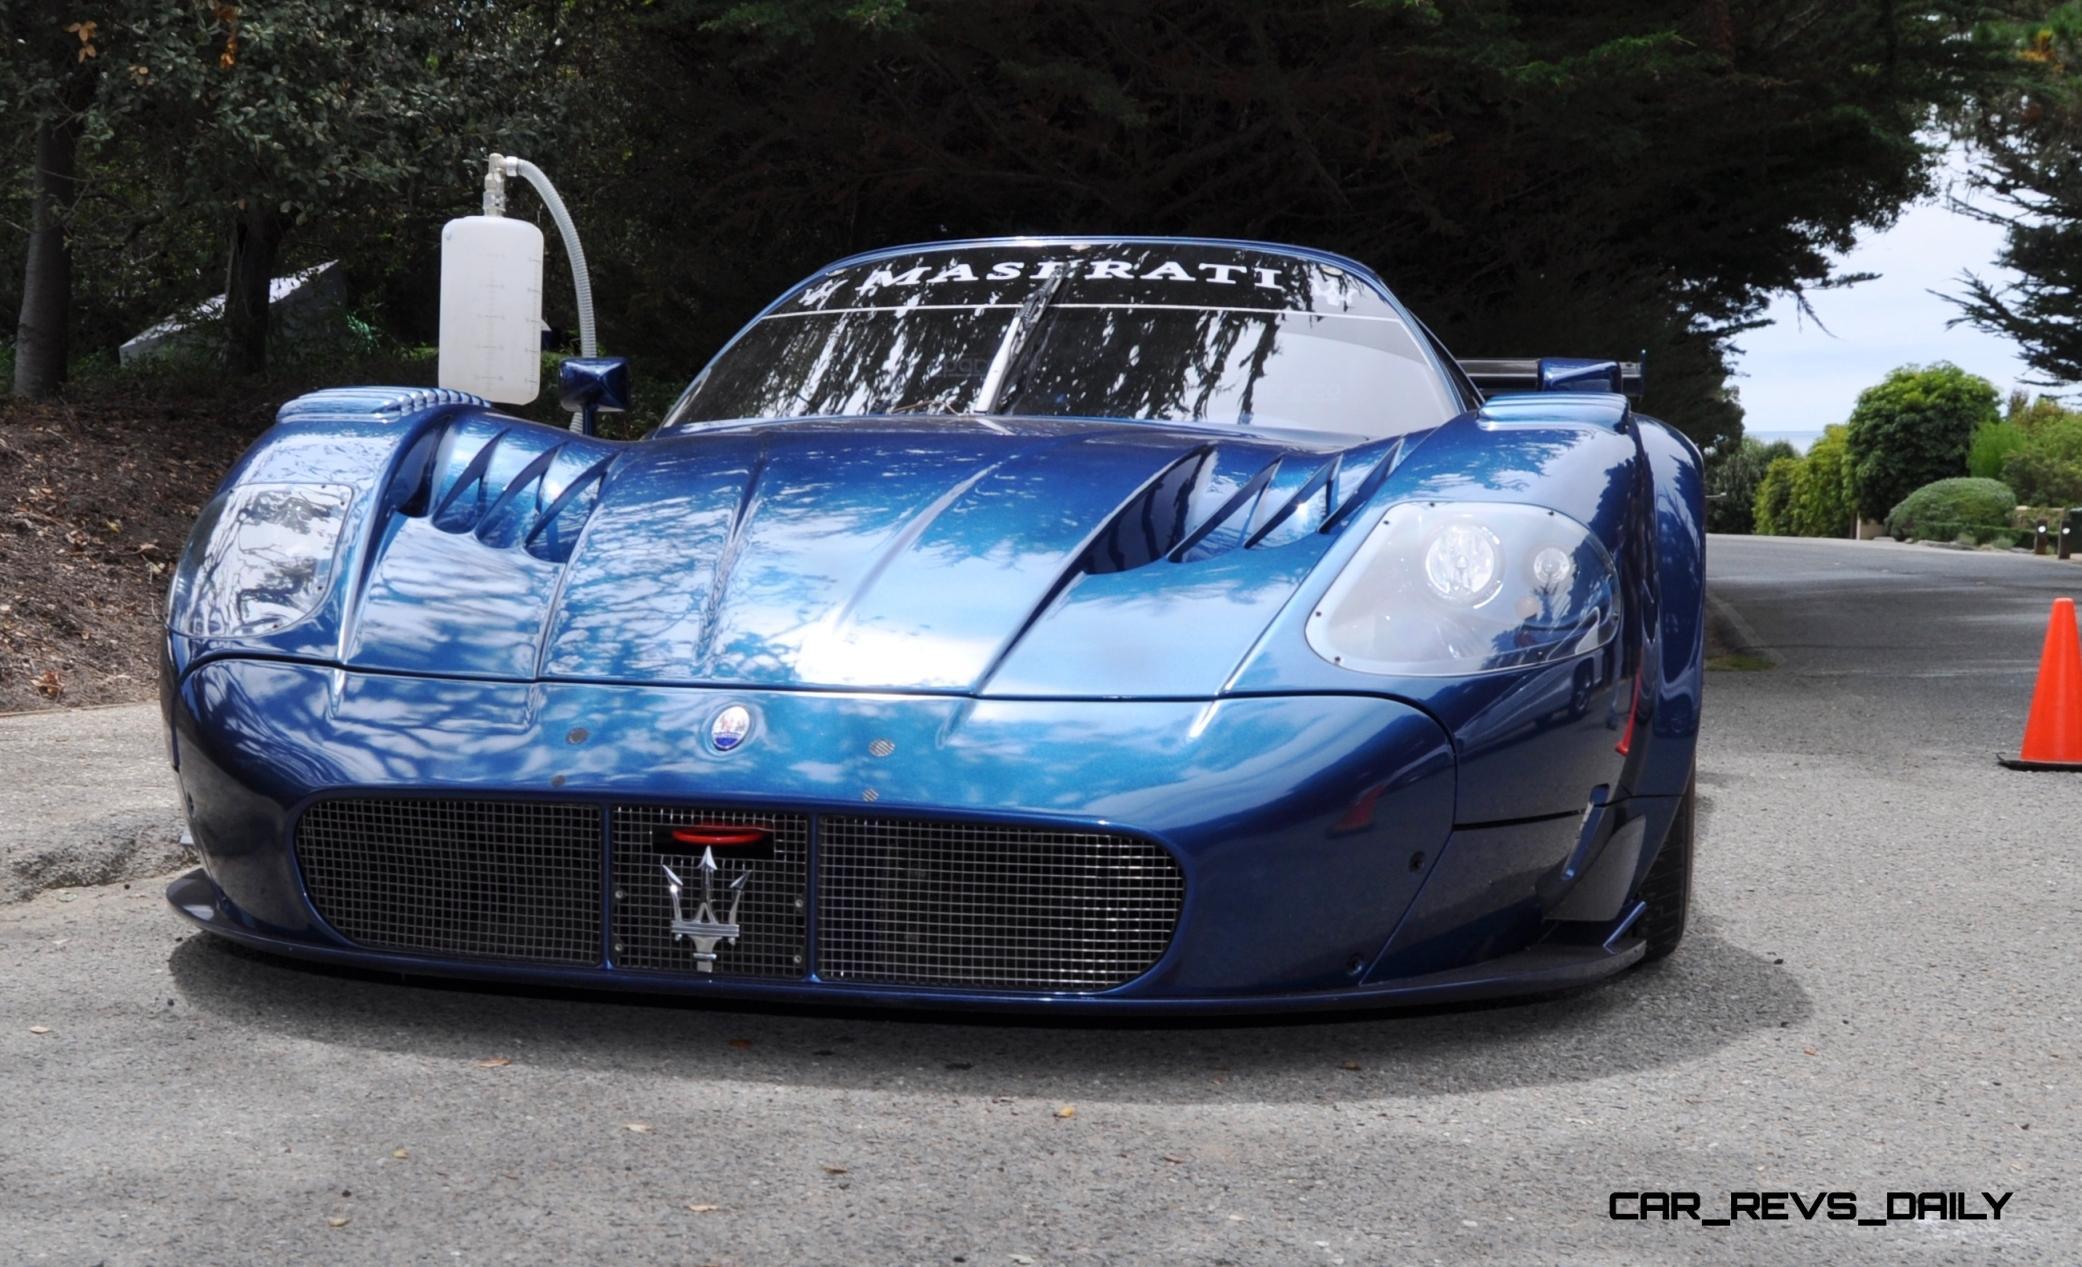 http://www.car-revs-daily.com/wp-content/uploads/Car-Revs-Daily.com-2006-Maserati-MC12-Corsa-43.jpg